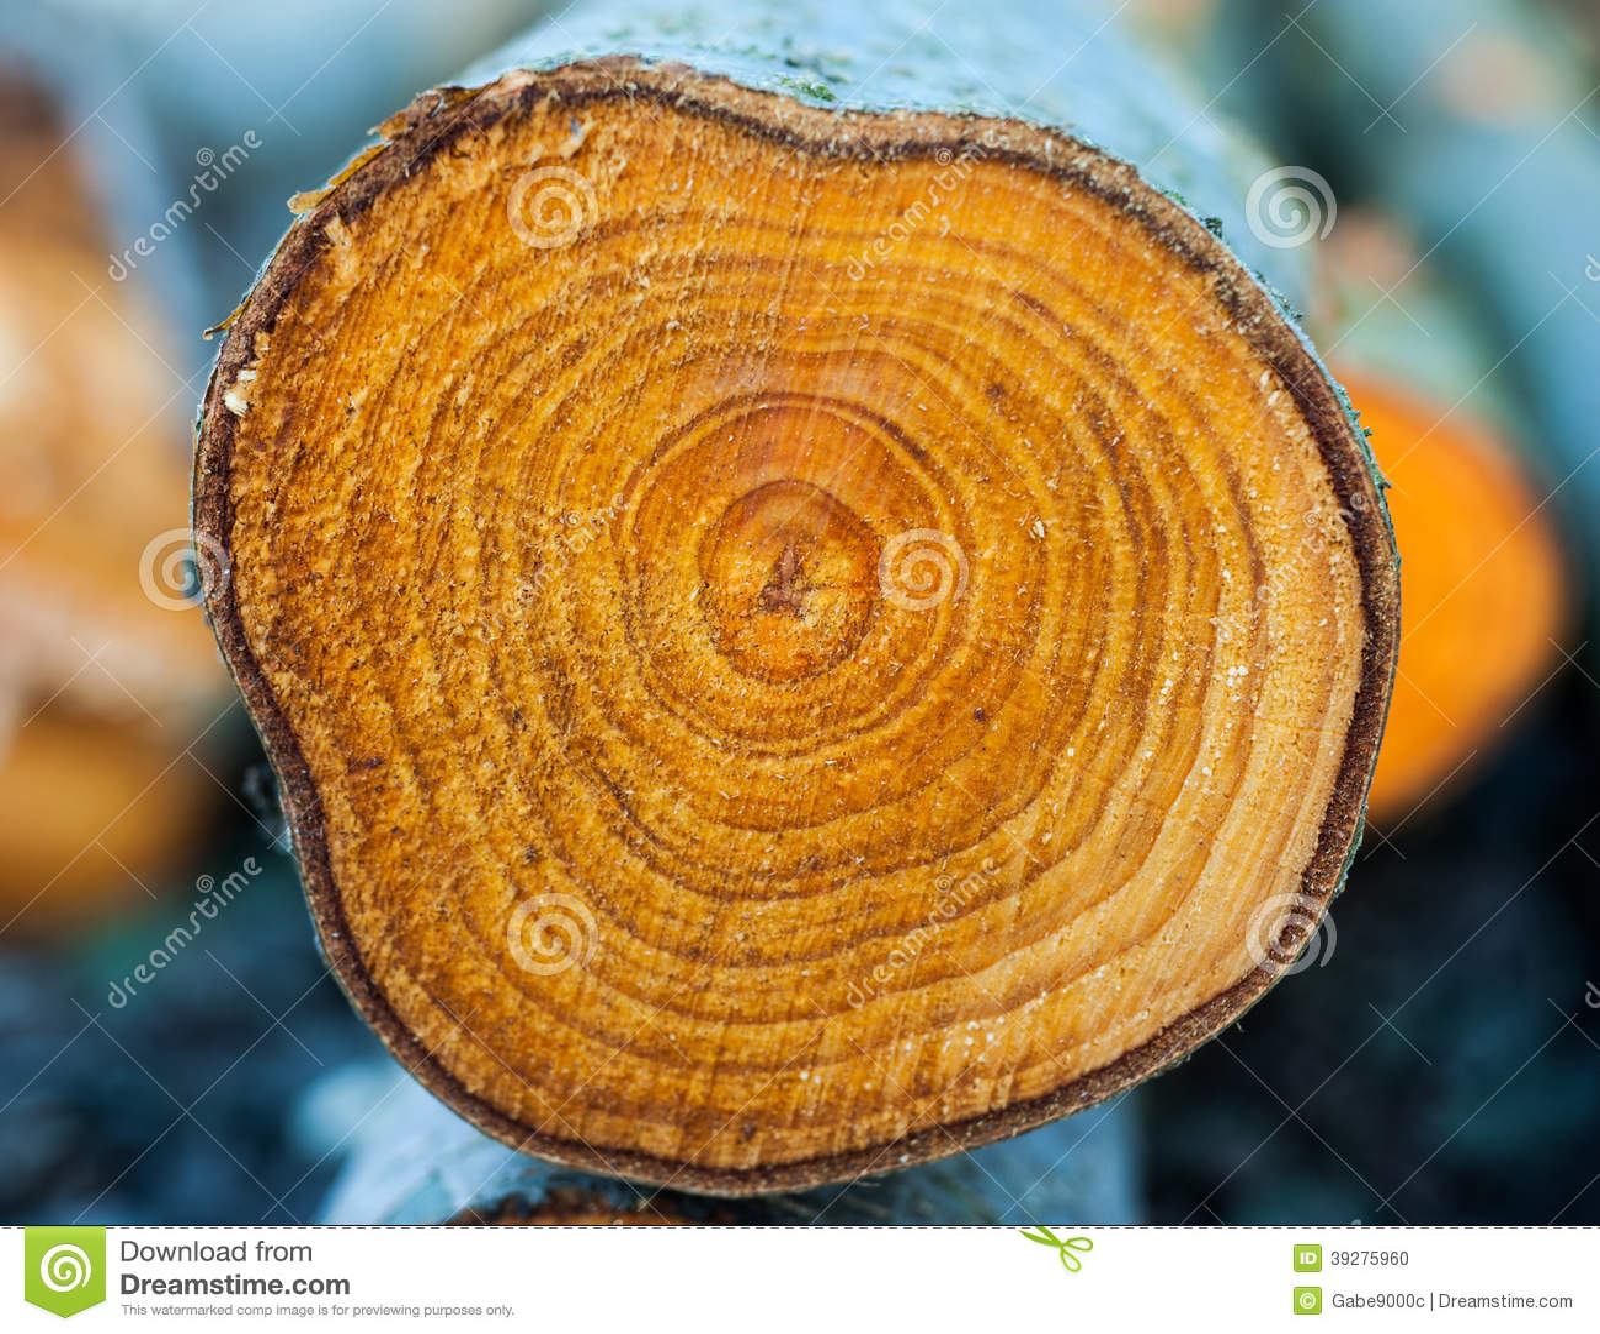 Closeup rings of chopped tree trunk